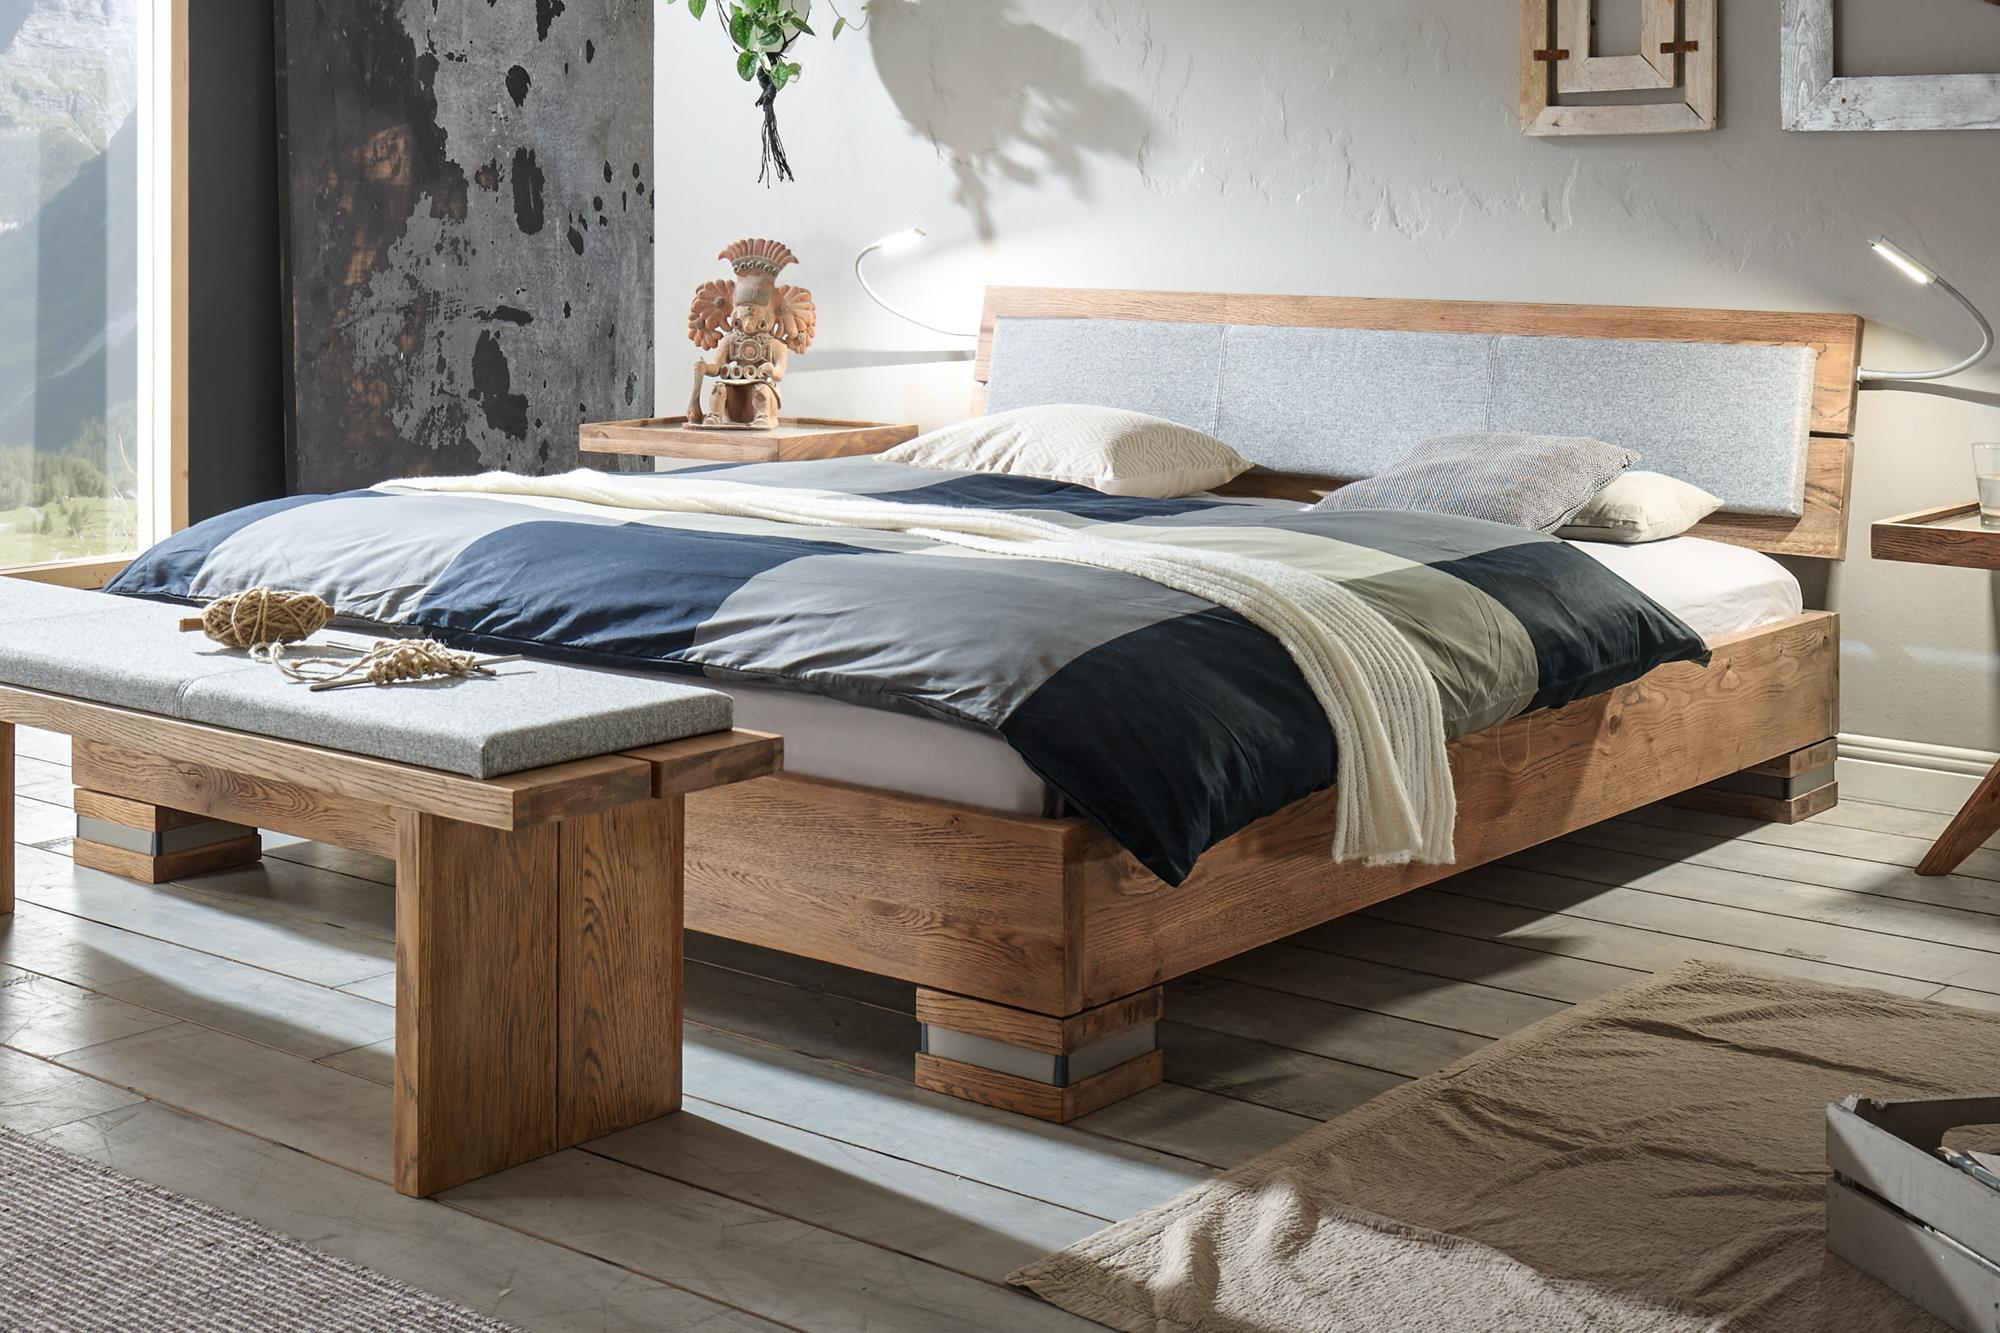 Full Size of Bett Vintage Hasena Konfigurator Oak Wild Cadro 18 Massivholz 180x200 Joop Betten Mit Stauraum 160x200 Günstig Kaufen Matratze Und Lattenrost 140x200 Aus Holz Bett Bett Vintage